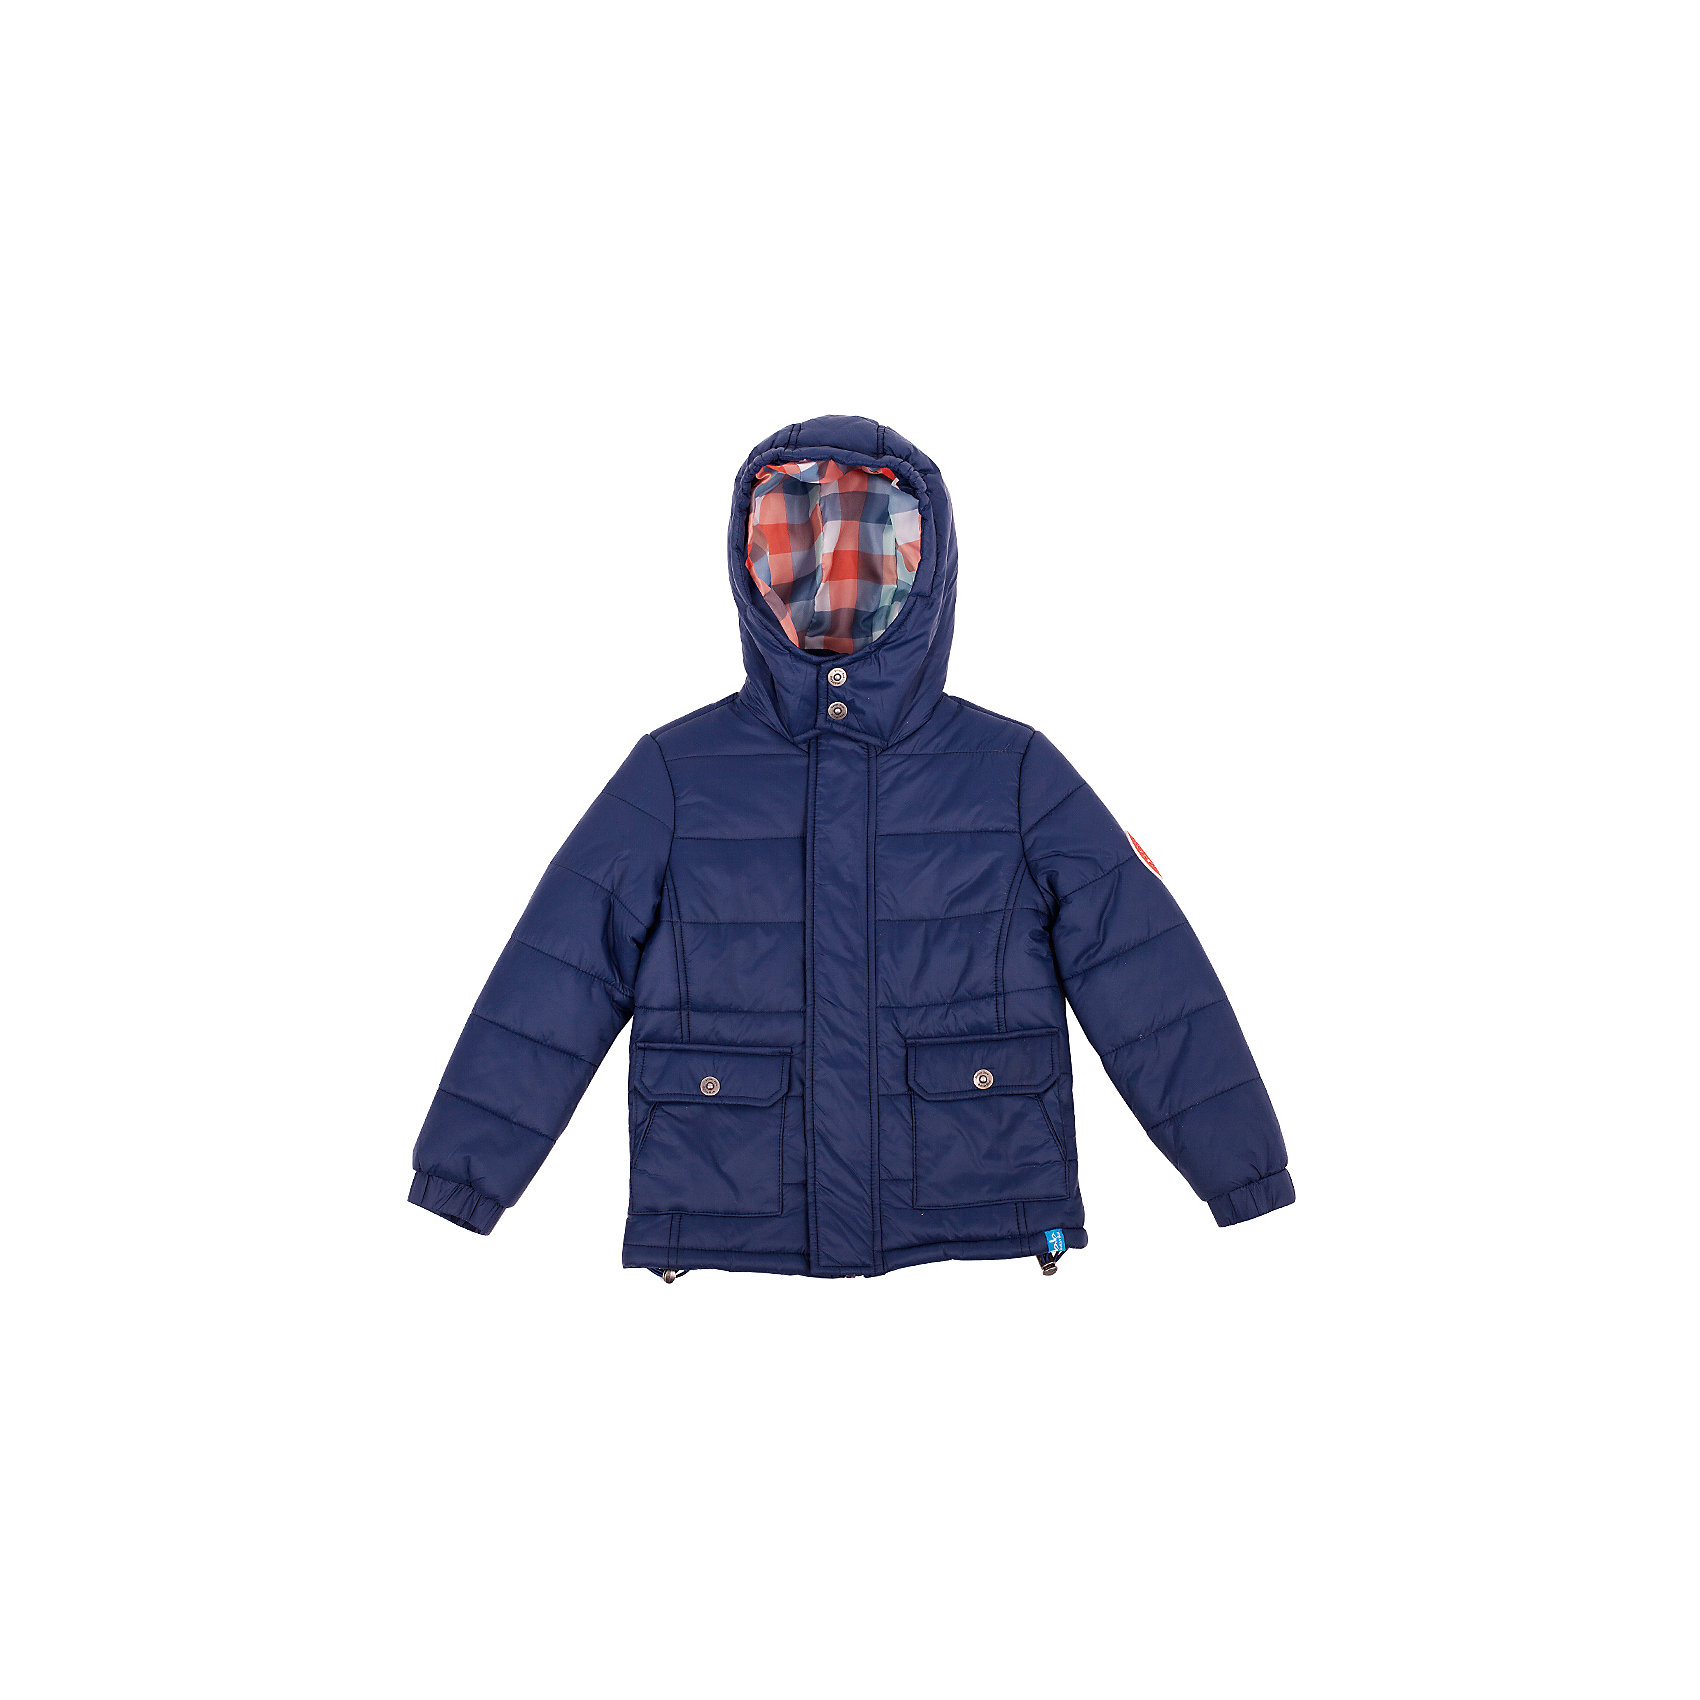 Button Blue Куртка для мальчика Button Blue купить волосы на трессах в москве недорого